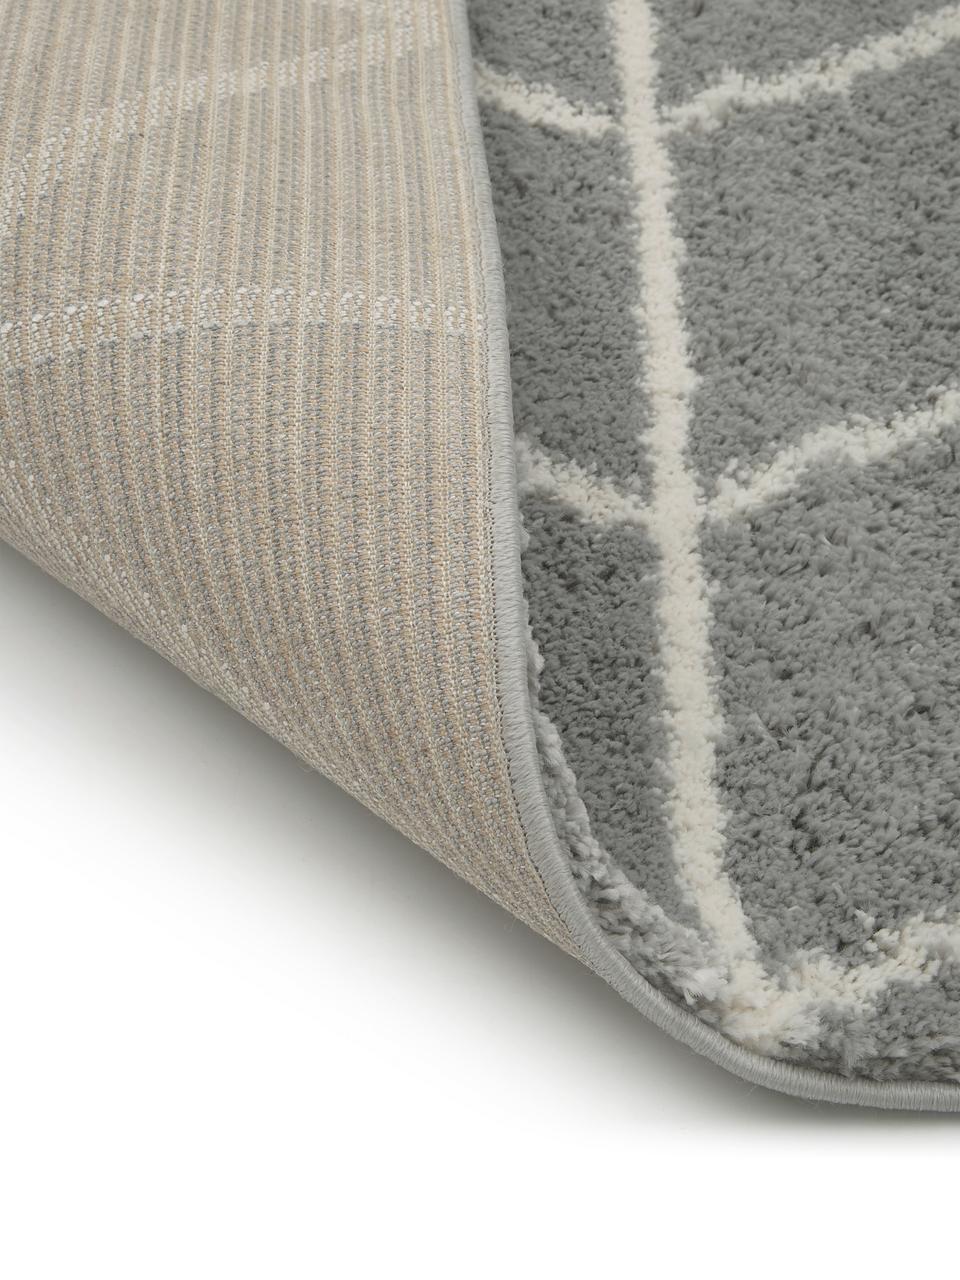 Flauschiger Hochflor-Läufer Cera in Grau/Cremeweiß, Flor: 100% Polypropylen, Grau, Cremeweiß, 80 x 250 cm